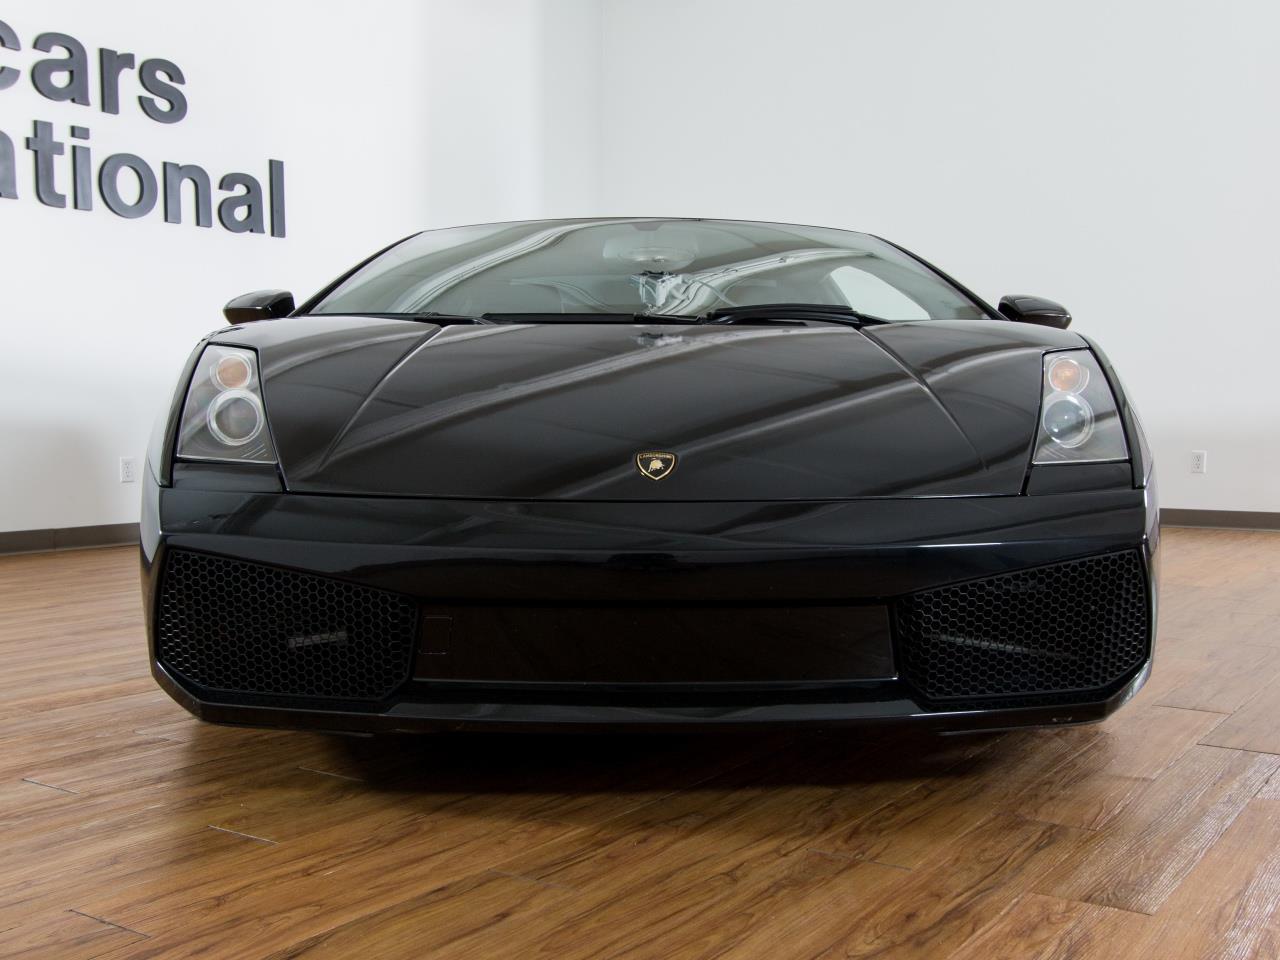 2004 Lamborghini Gallardo E Gear Coupe